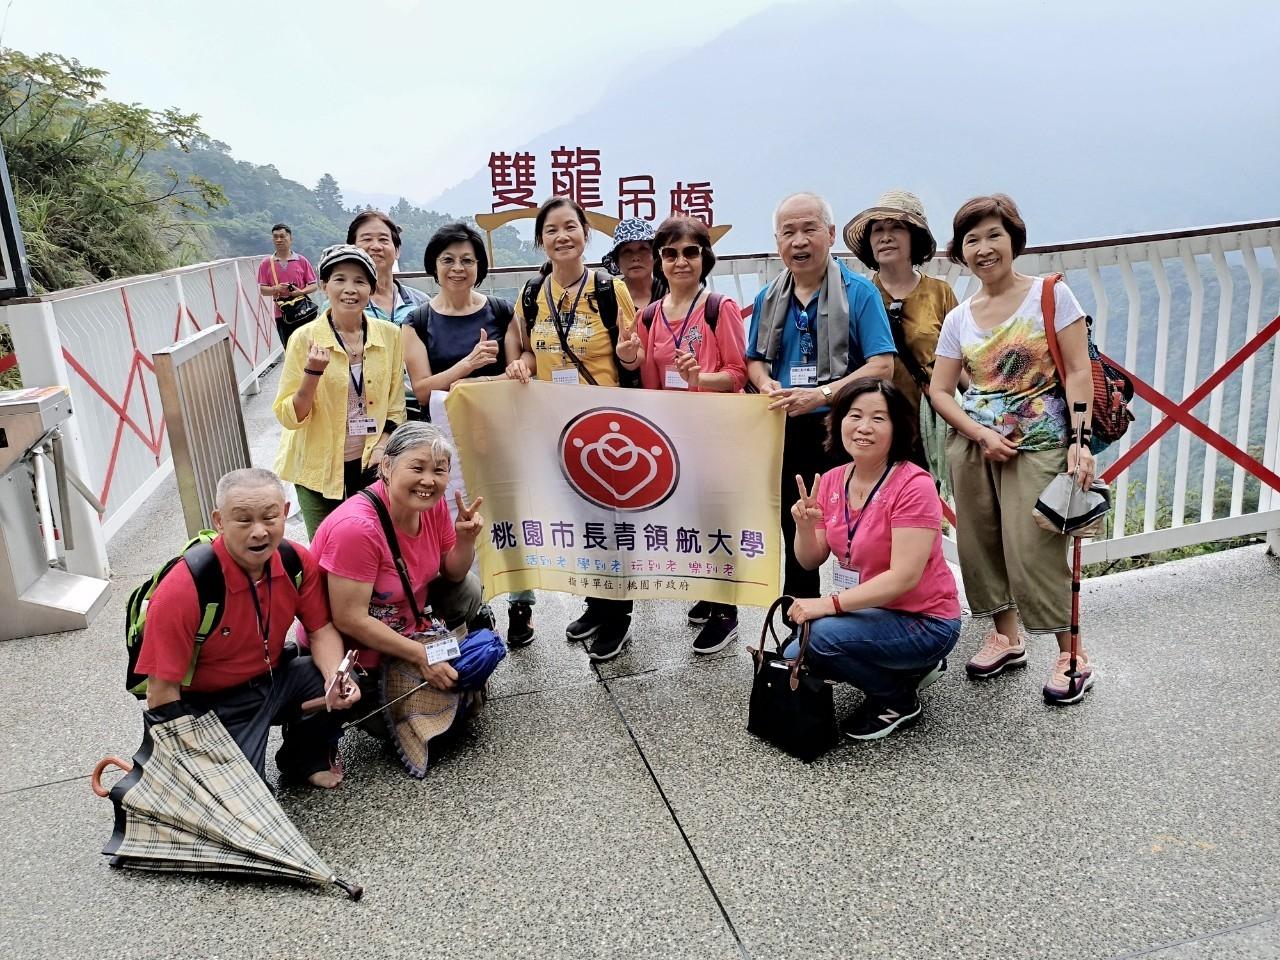 109/09/10~109/09/11七彩吊橋之旅圖片3